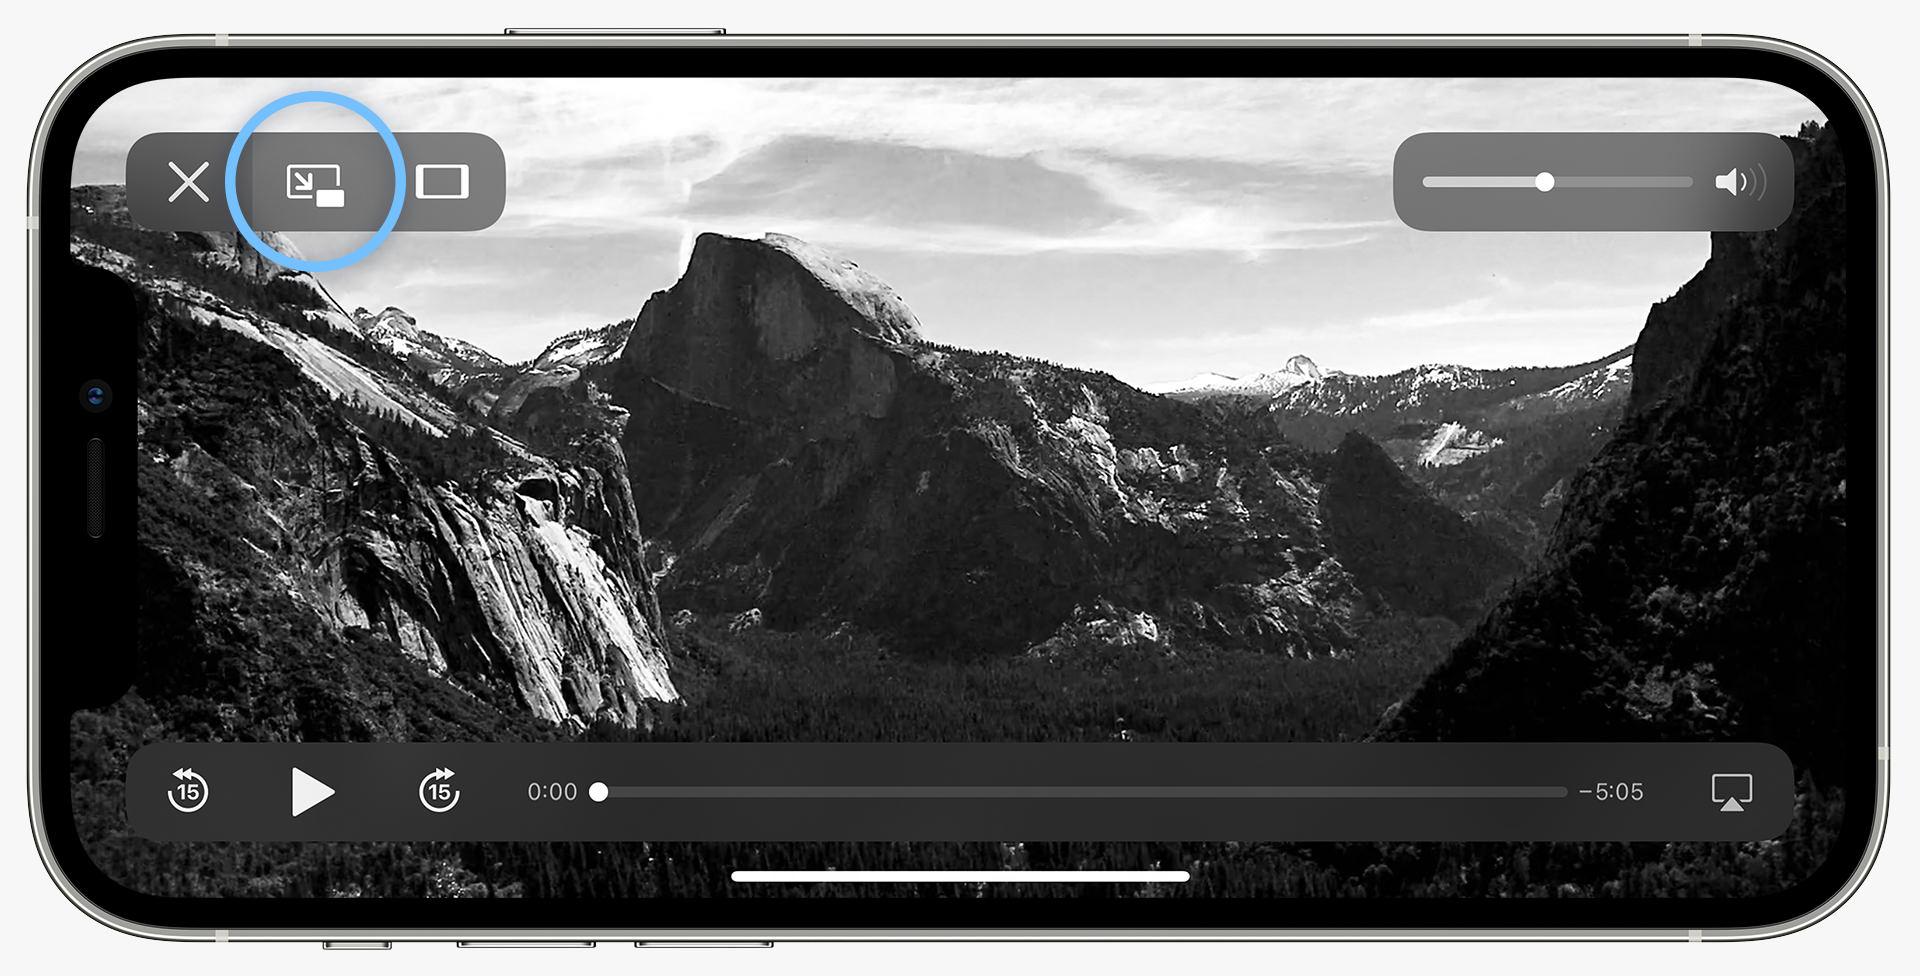 ProCamera-Picture-in-Picture-Mode-Screenshot